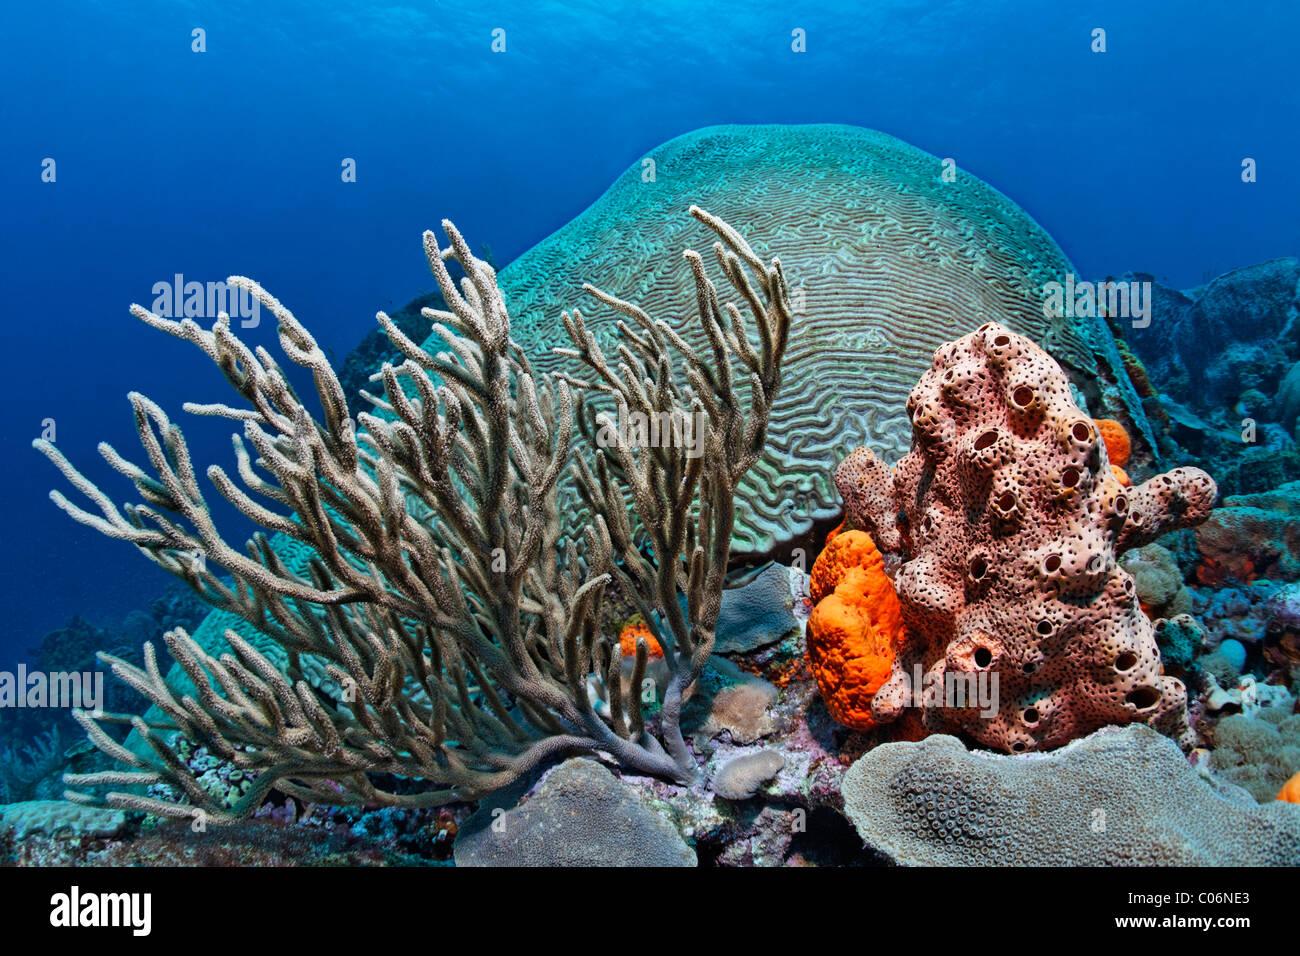 Bloques de coral, el arrecife de coral, cubierto, diversas corales y esponjas multicolores, Little Tobago, SPEYSIDE, Trinidad y Tobago Foto de stock